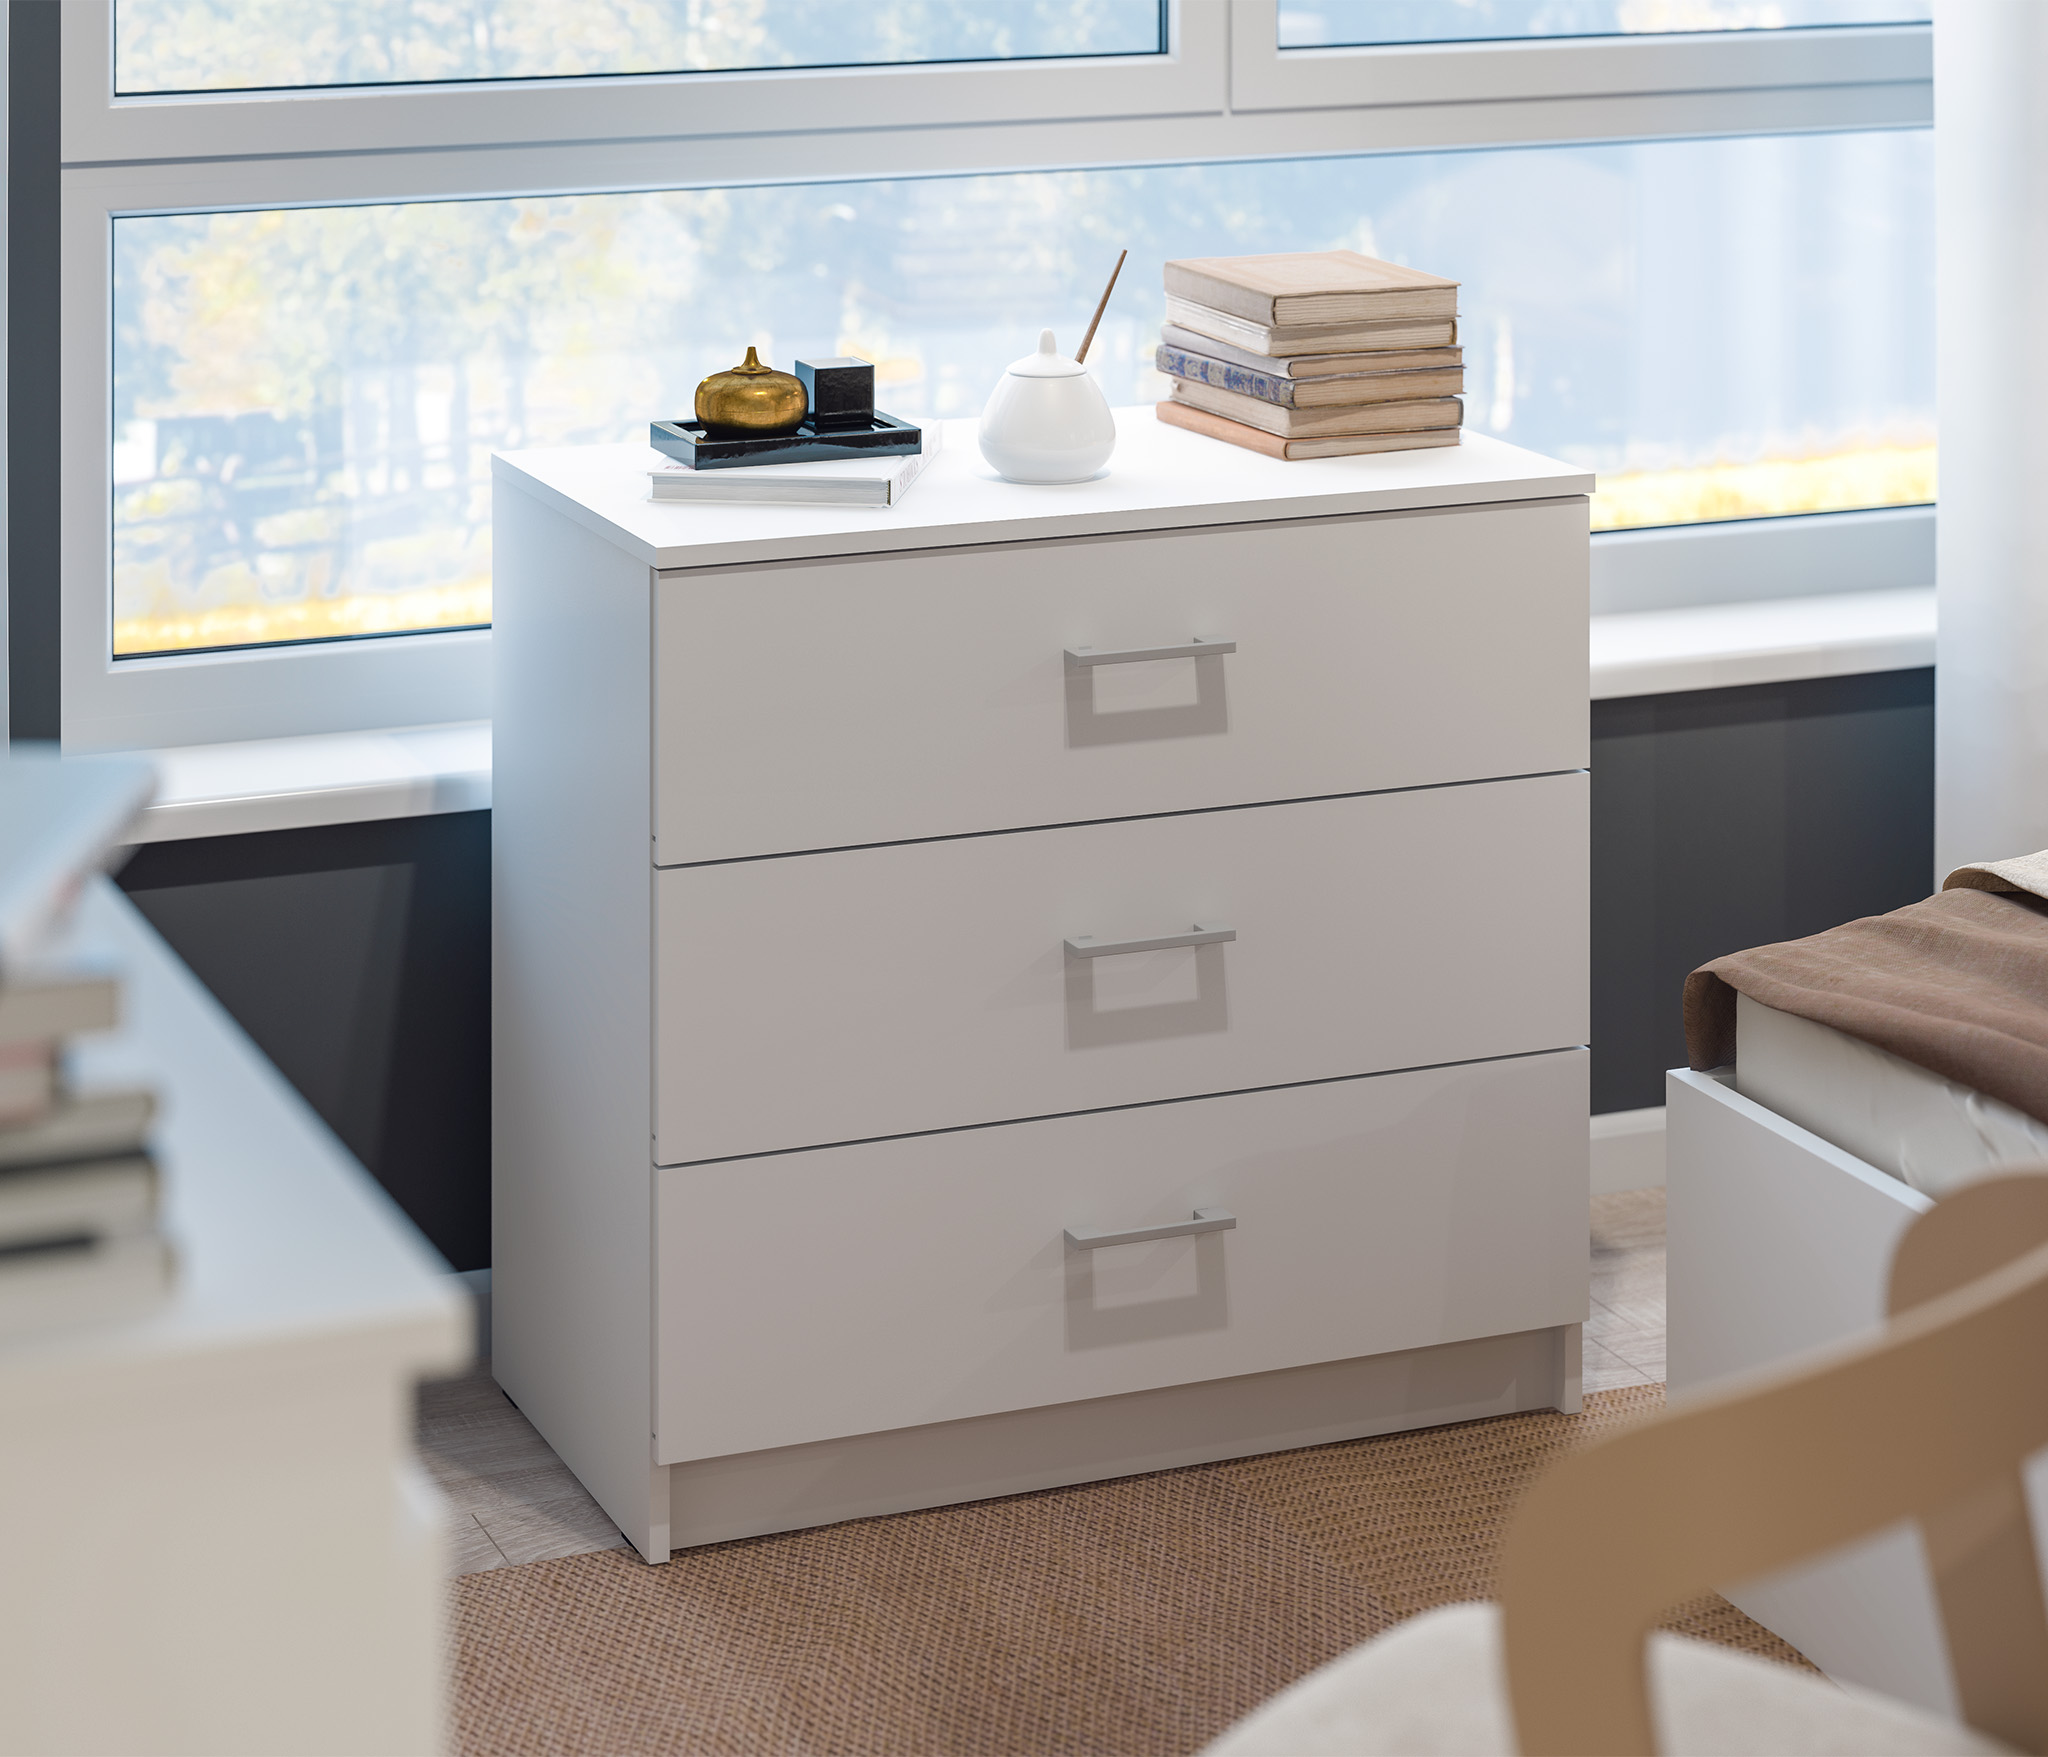 Терра СБ-2228/2 Комод Белый тахты с ящиками для хранения